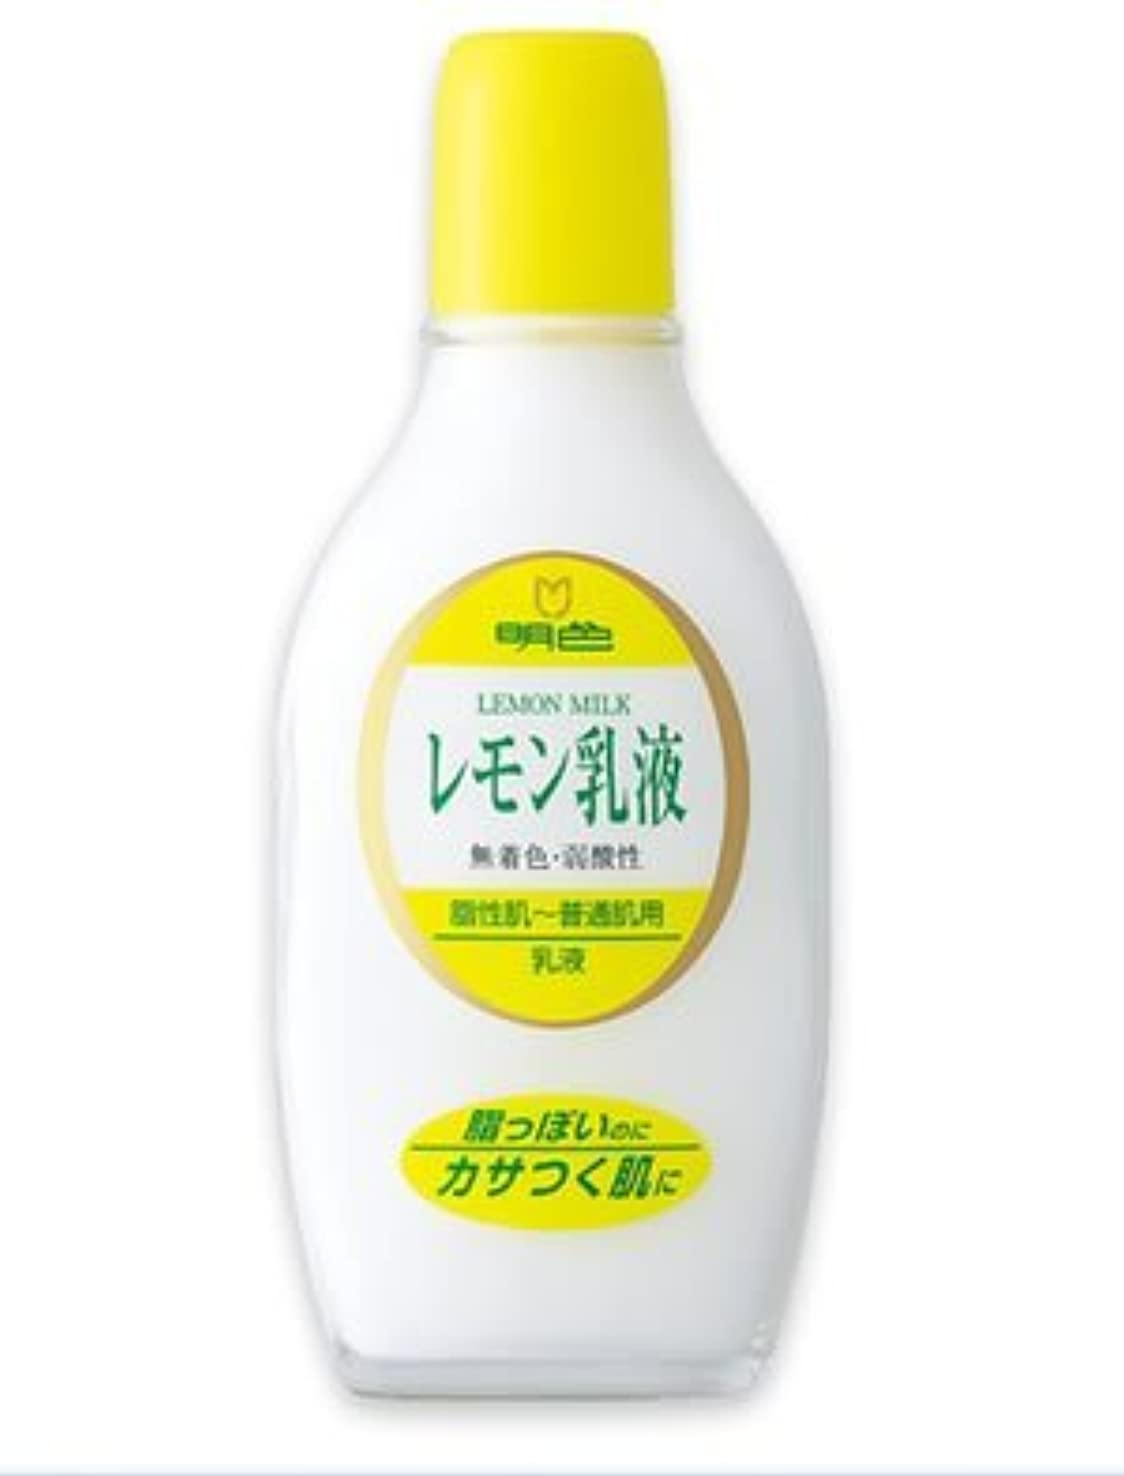 ステープル心臓南アメリカ(明色)レモン乳液 158ml